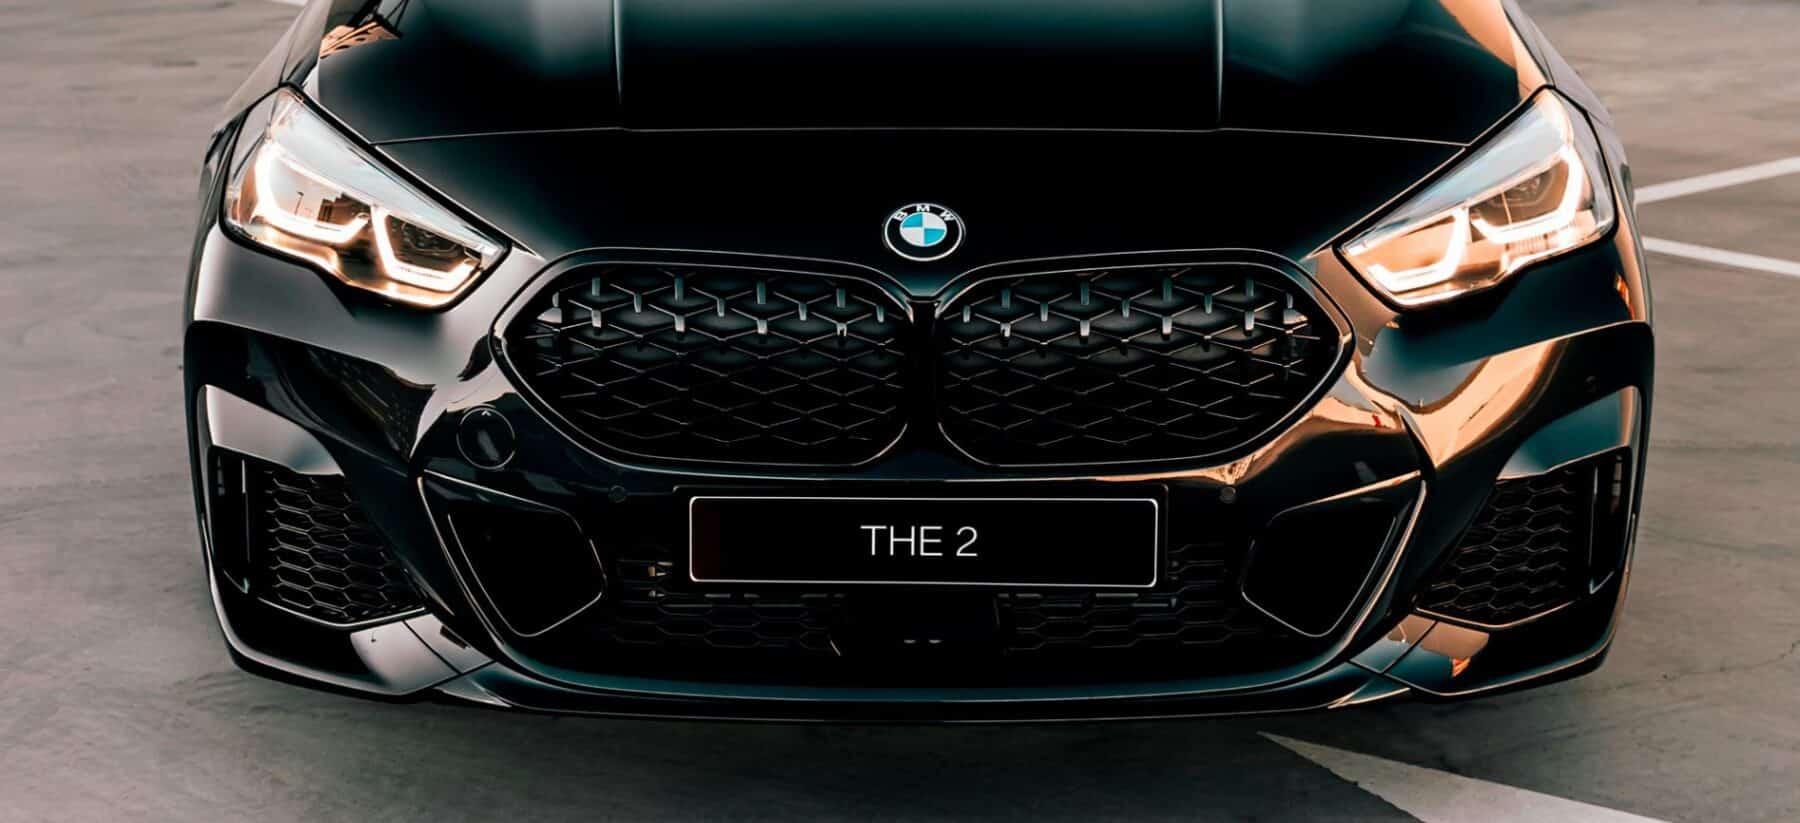 BMW Serie 2 Gran Coupé Black Edition: Solo lo puedes comprar por internet